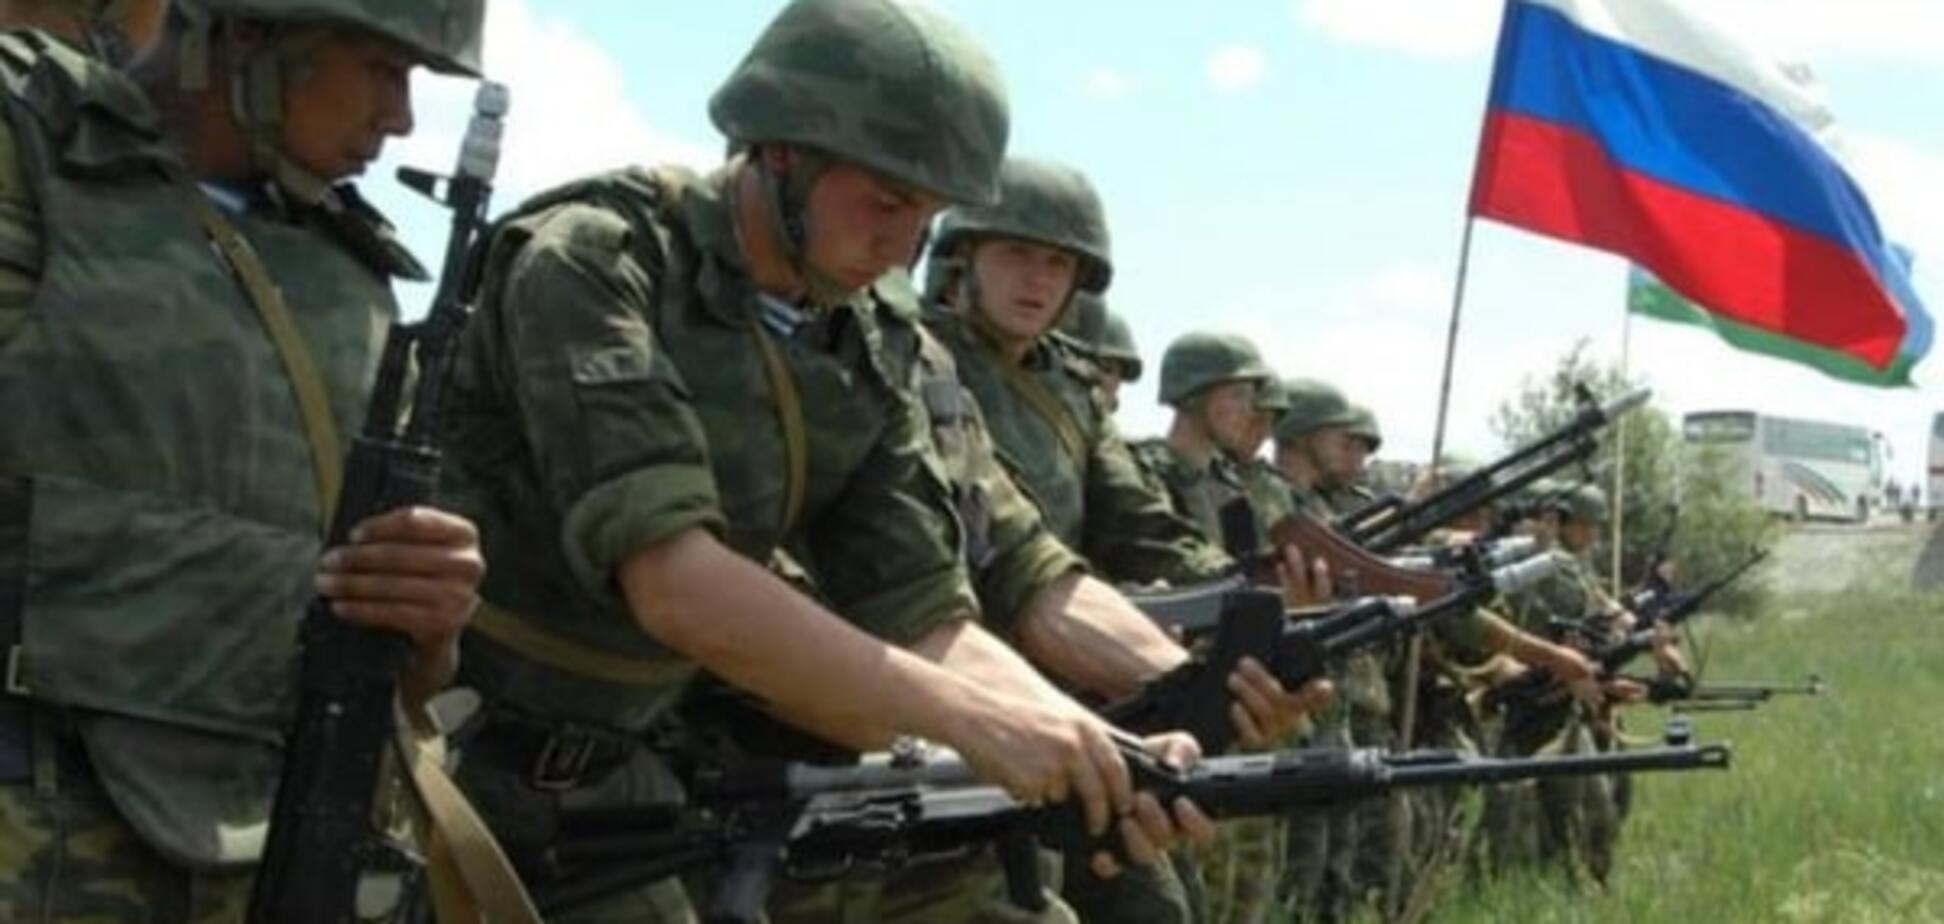 Росія проводить ротацію своїх військ на Донбасі - екс-спікер АТО